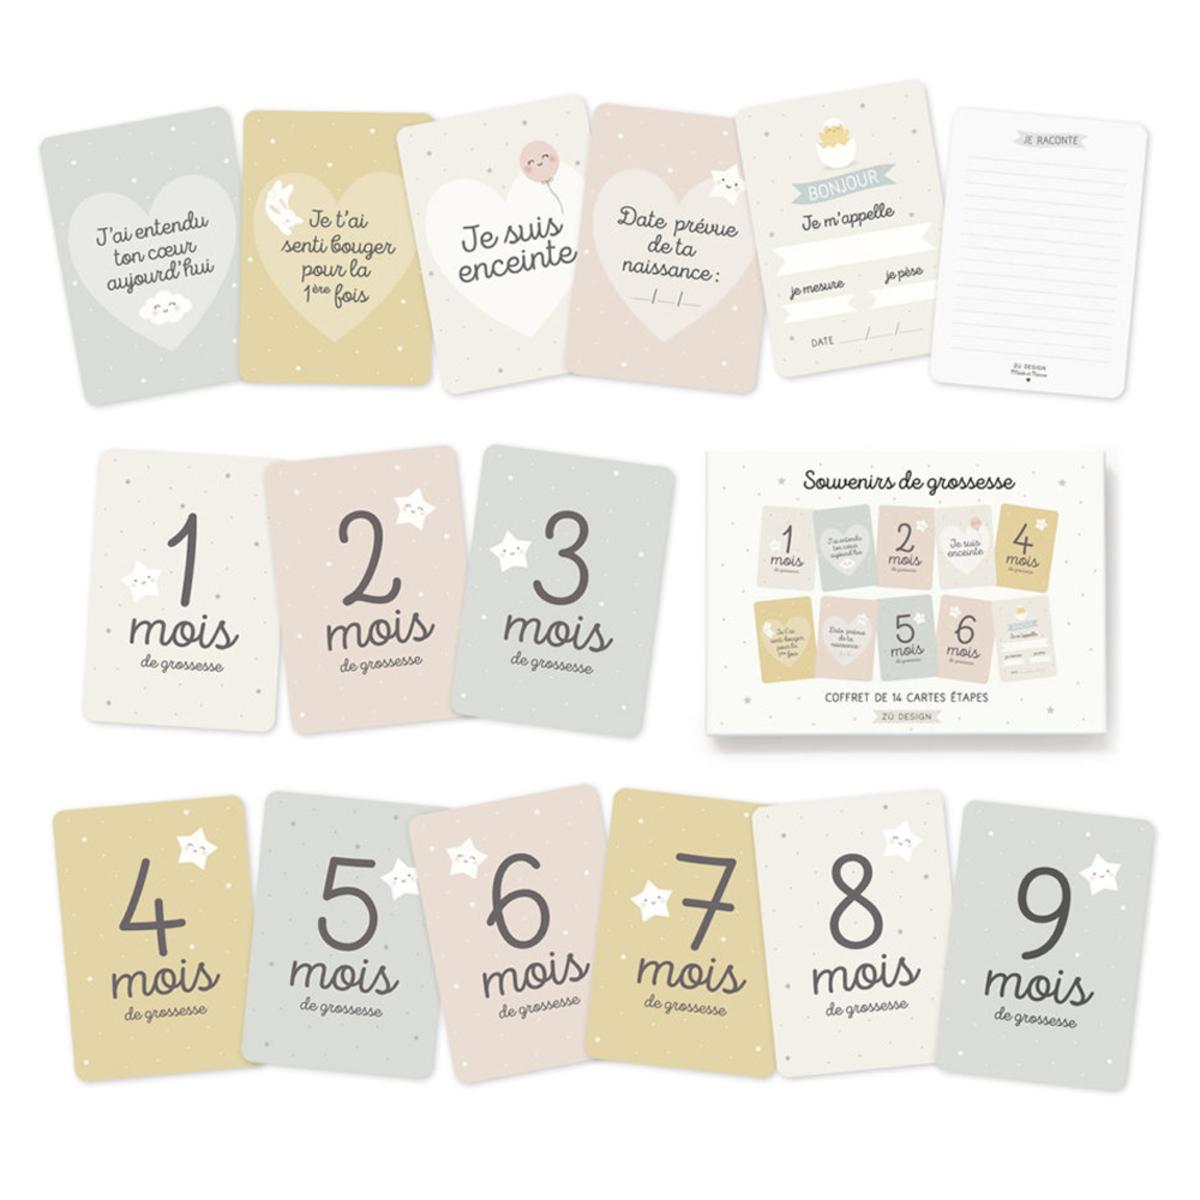 Livre & Carte Kit Cartes Etapes Souvenirs de Grossesse Kit Cartes Etapes Souvenirs de Grossesse